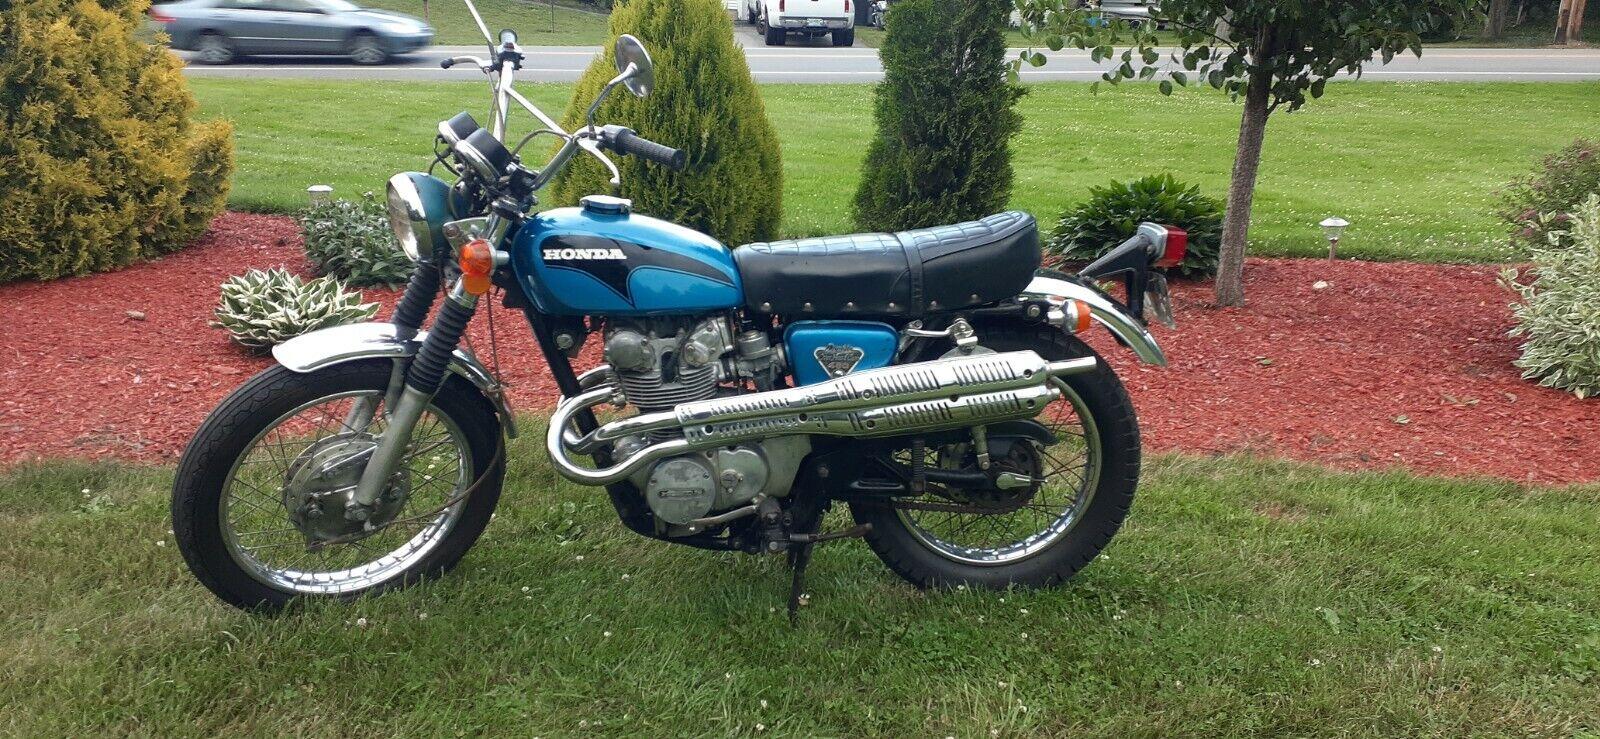 1971 Honda cl450 scrambler